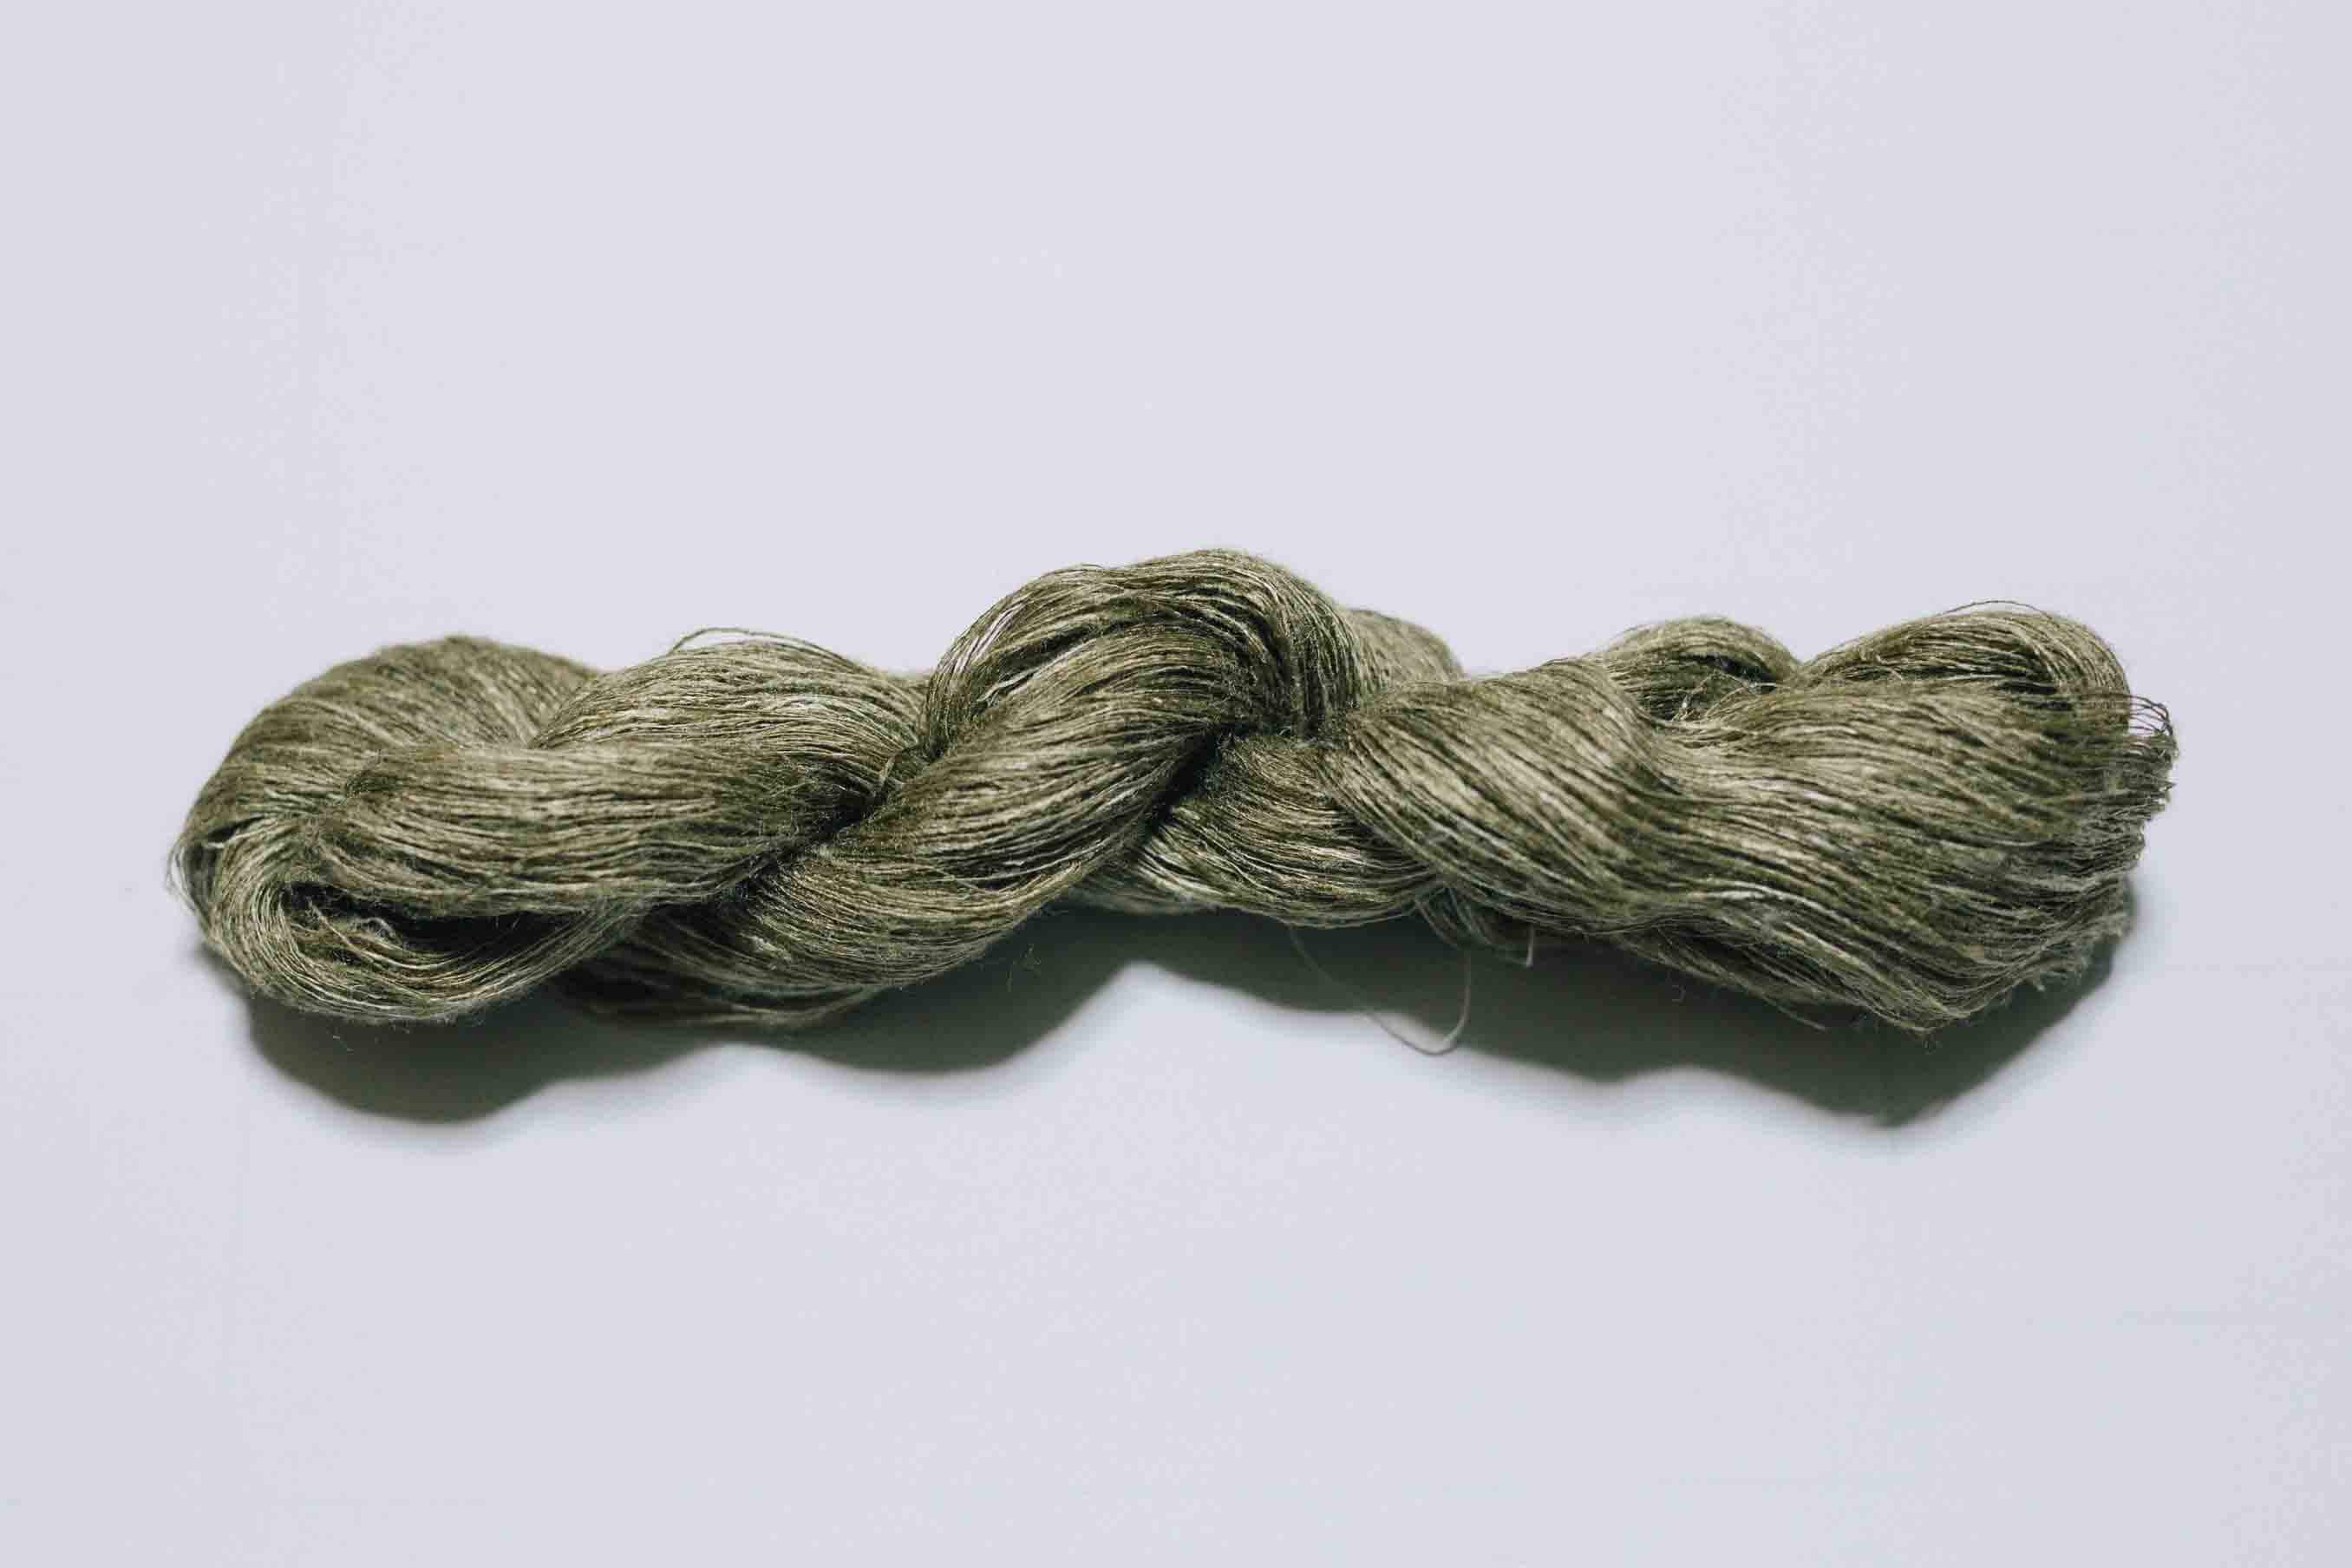 野蚕糸とは、野生の蚕を用いて紡がれた天然のシルク糸。独特の風合いのある色が砂漠のイメージにぴったりです